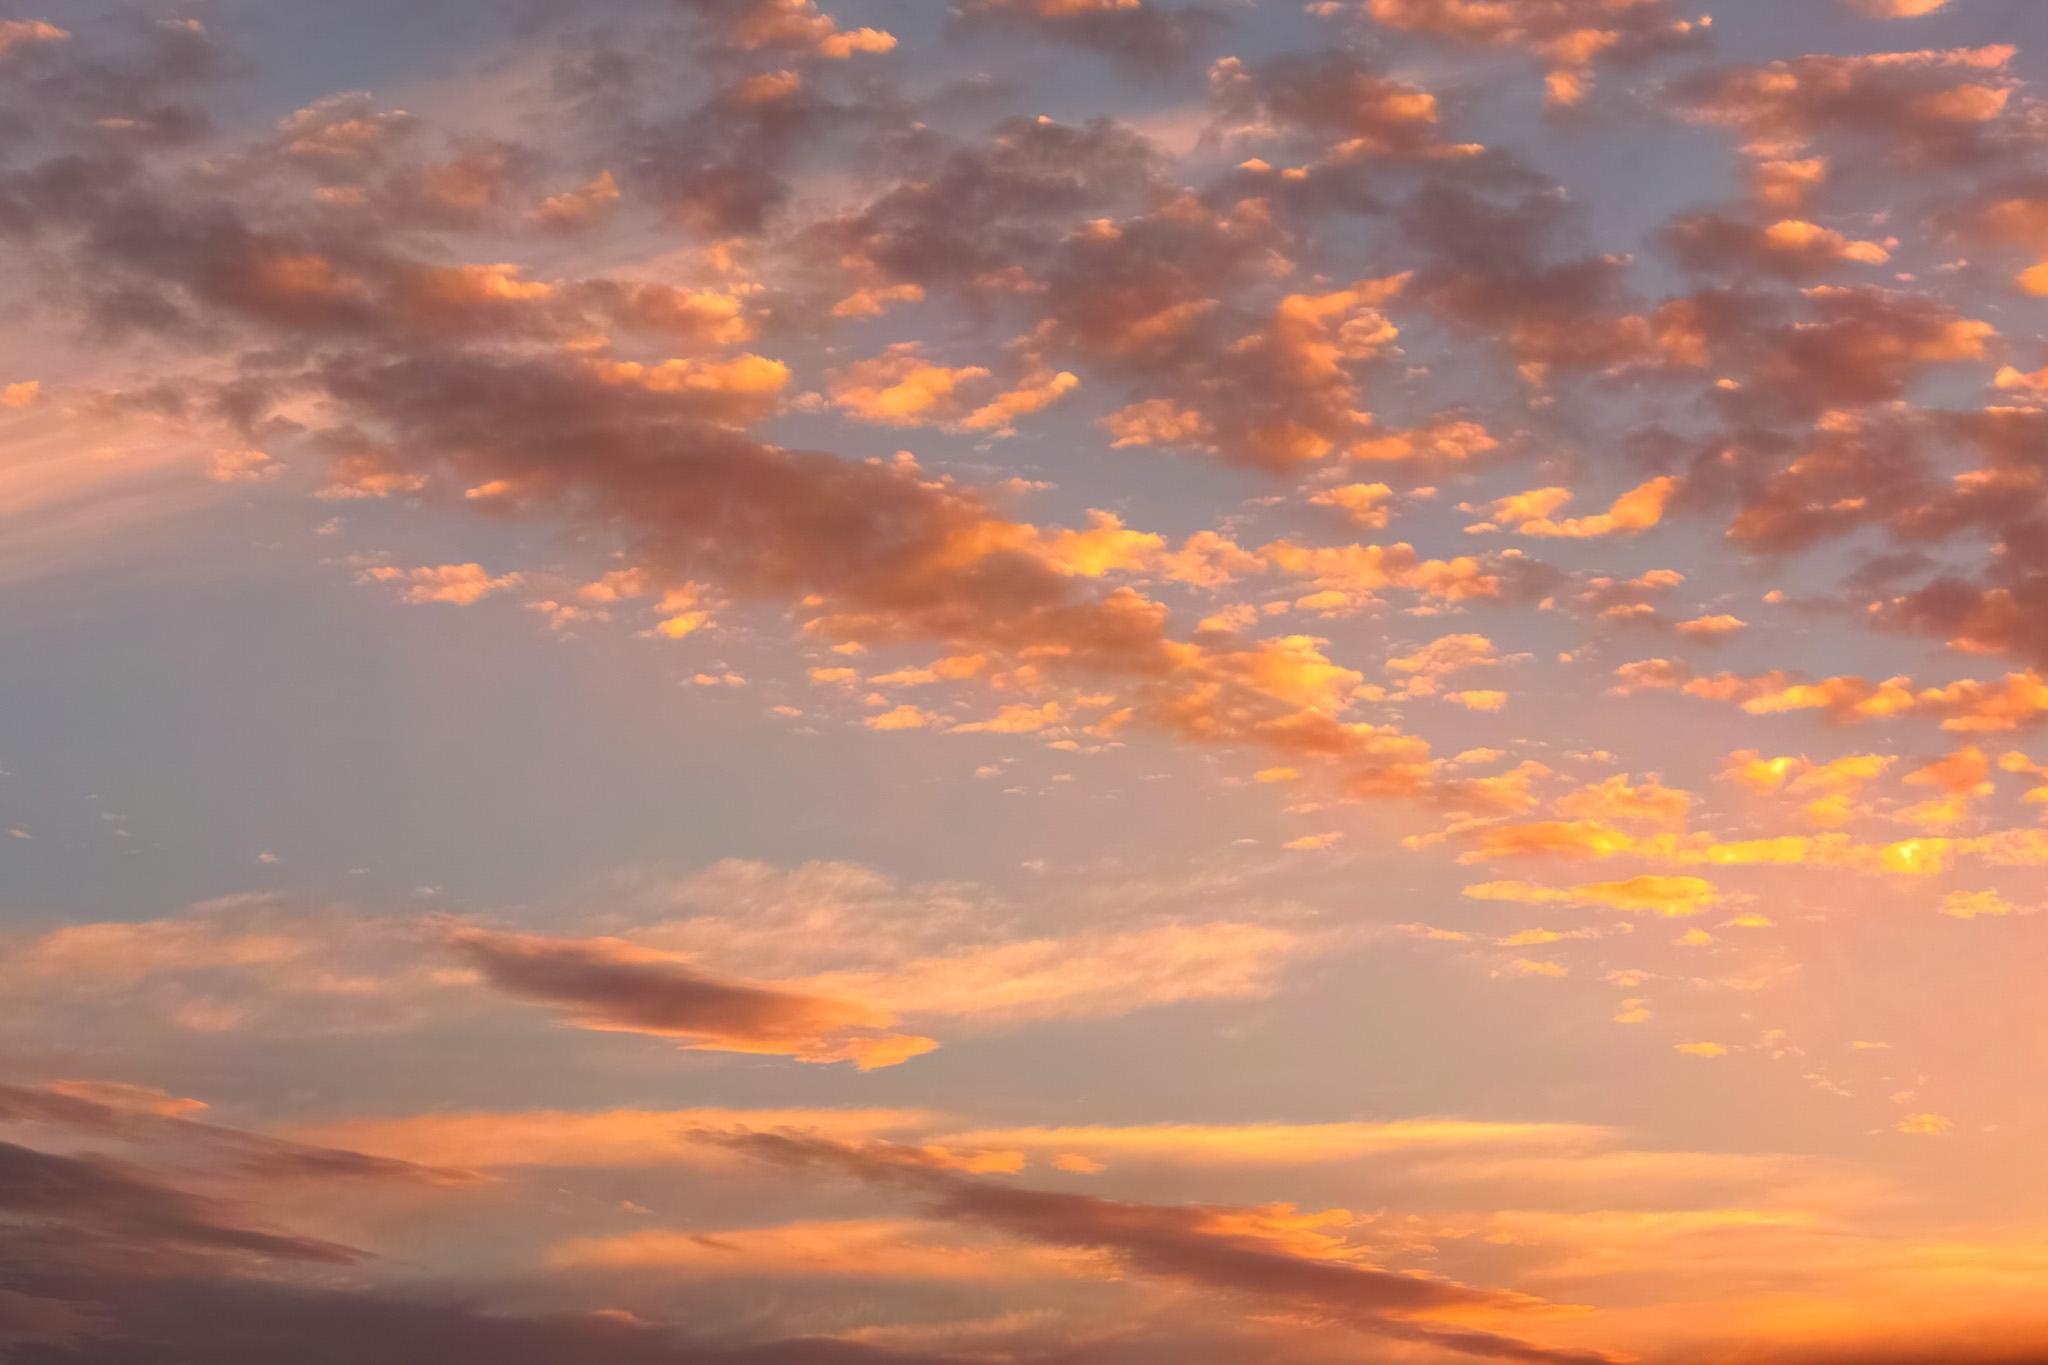 「茜雲が夕焼けの光に照らされる」の素材を無料ダウンロード